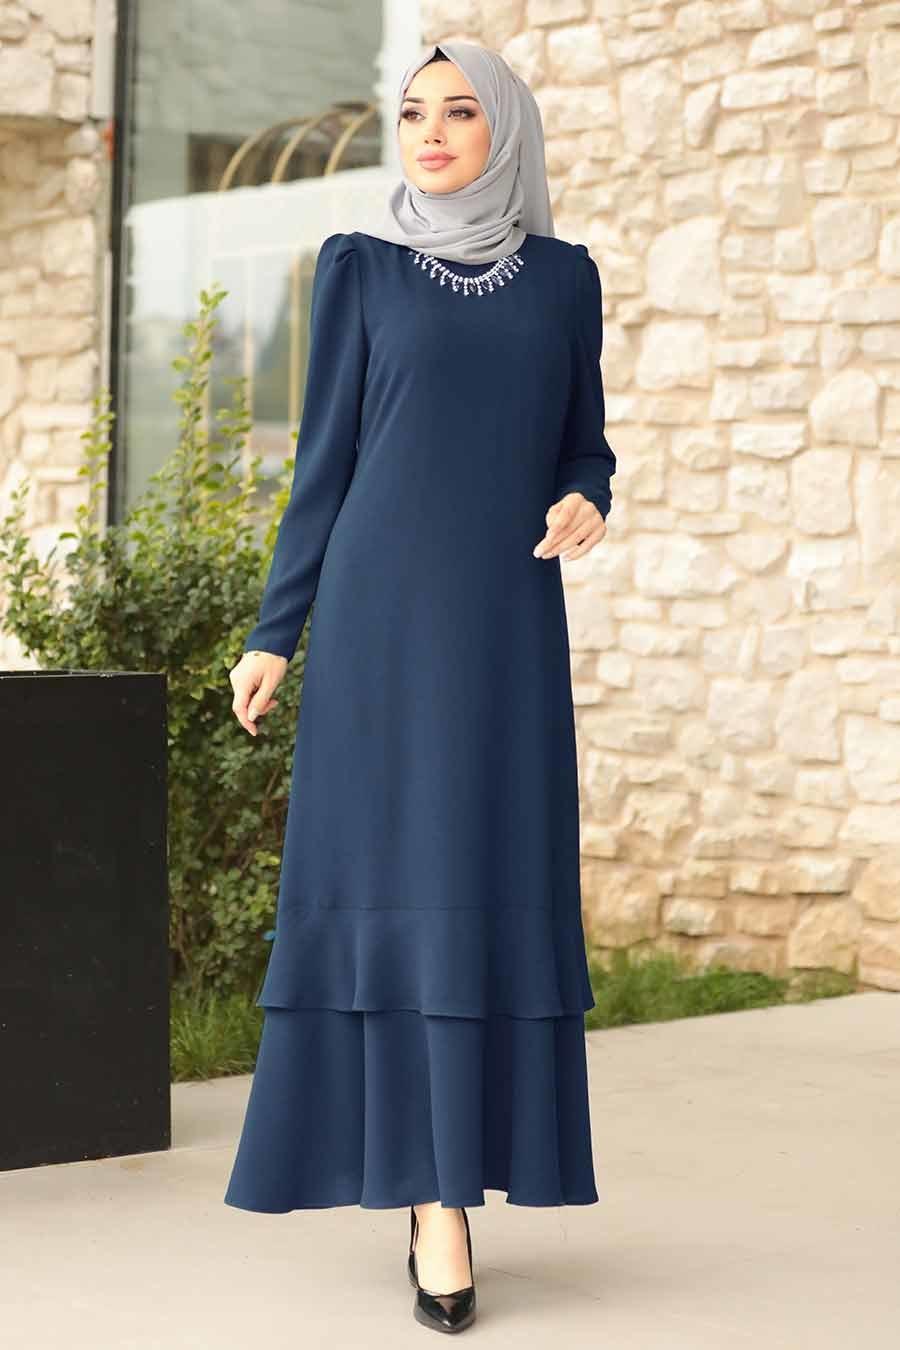 Tesettürlü Abiye Elbise - Kolyeli Lacivert Tesettür Abiye Elbise 3763L